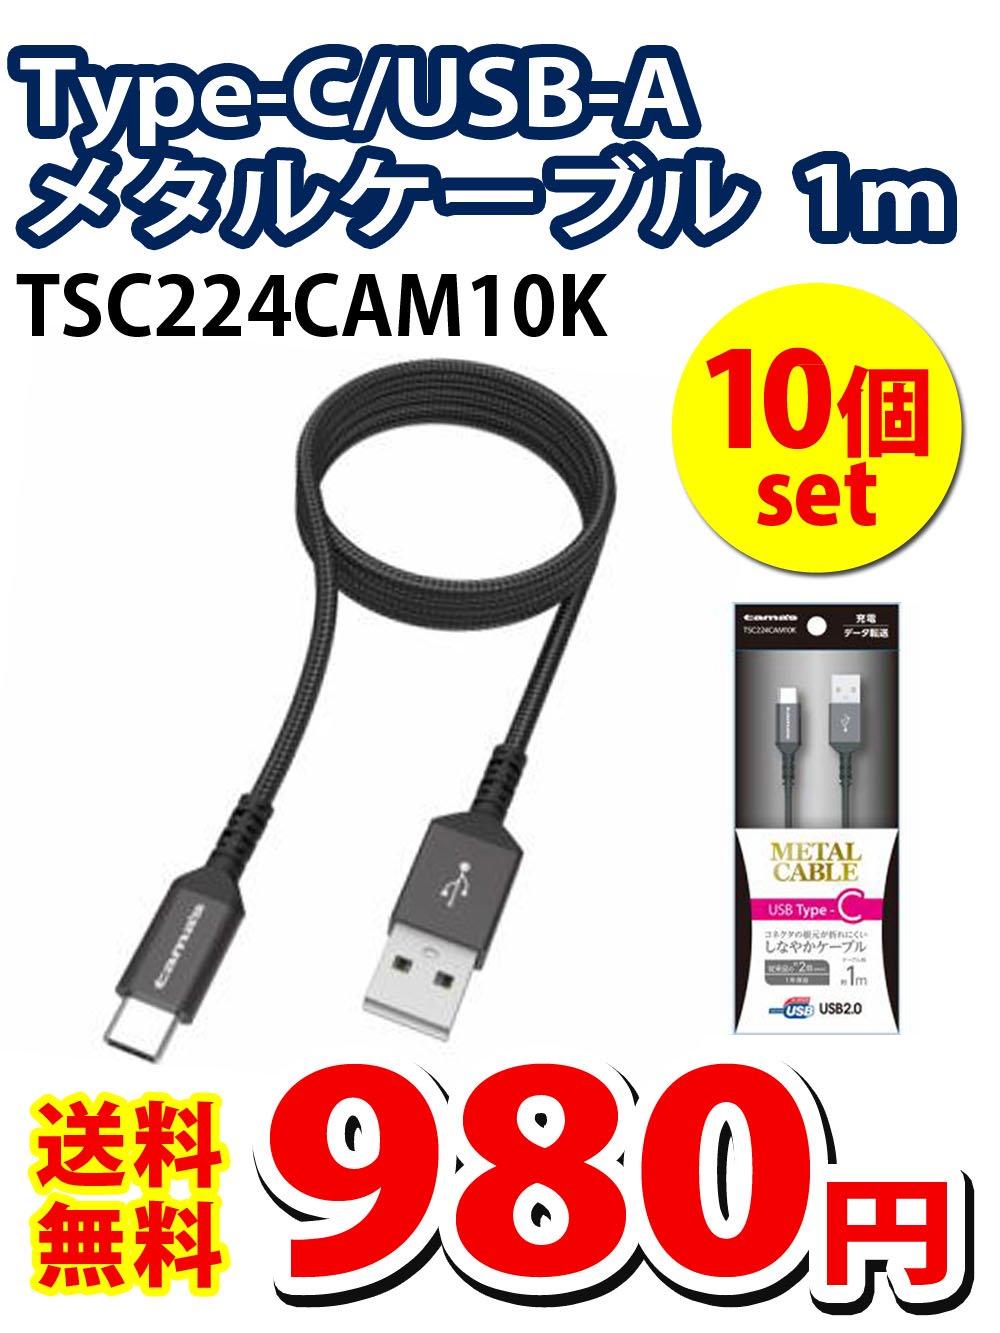 【送料無料】Type-C/USB-A メタルケーブル ロングブッシュ 1m TSC224CAM10K【10個セット】980円